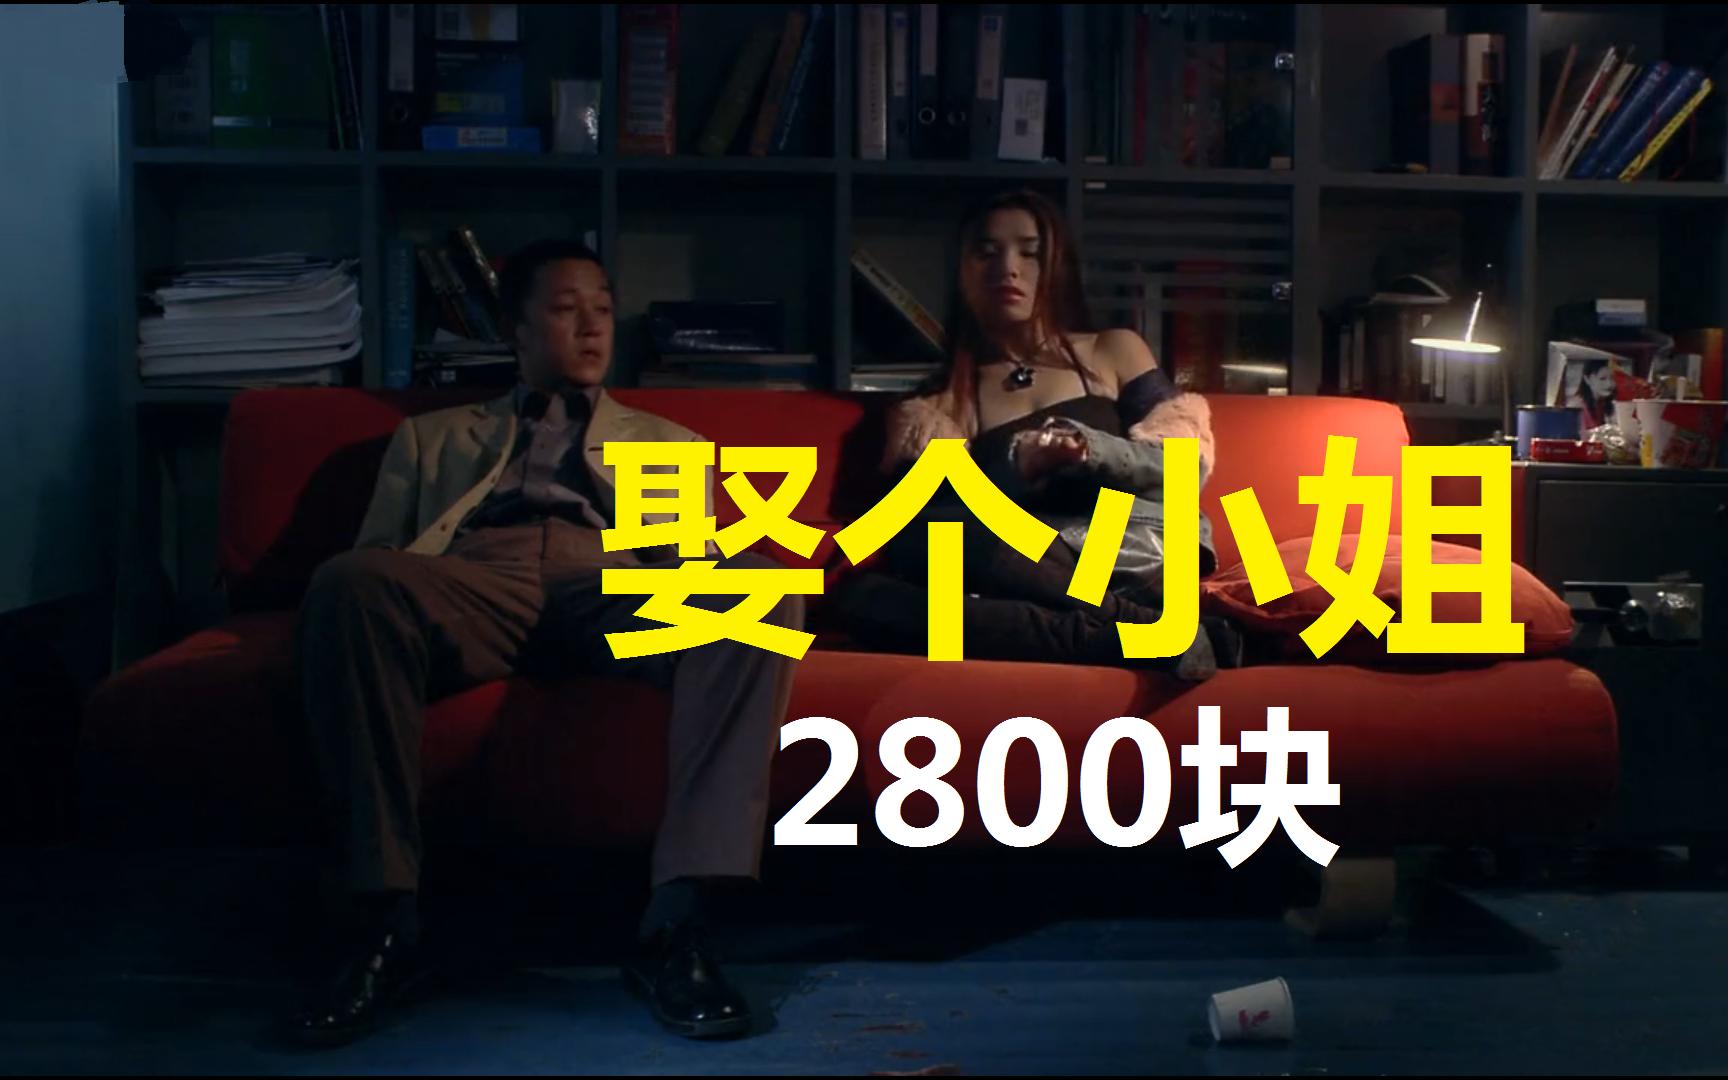 男人2000块娶个小姐当媳妇,结果小姐竟倒贴8万块,国产电影